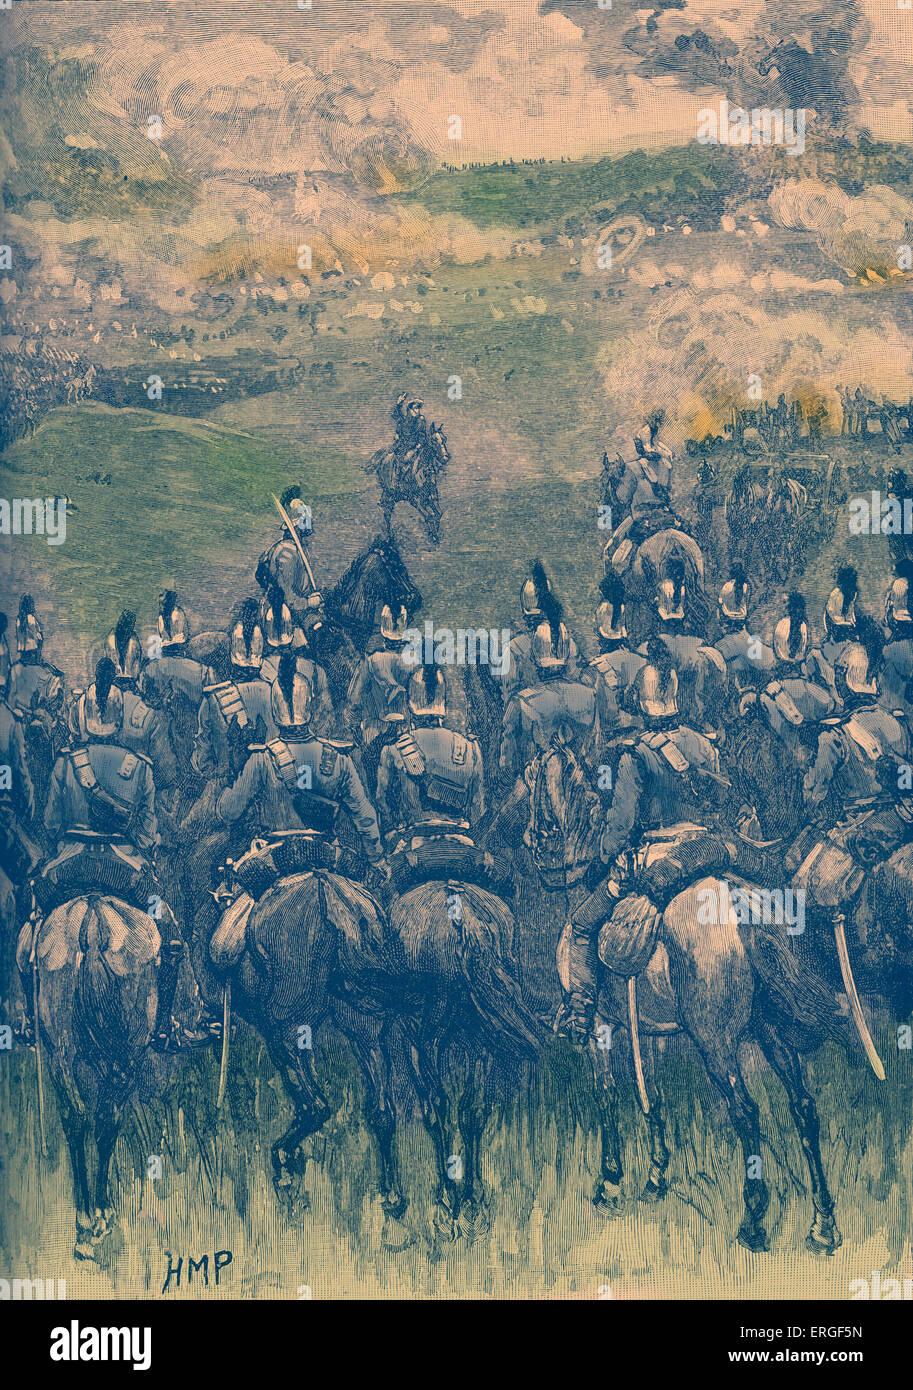 Battaglia di Königgrätz, 3 luglio 1866. Battaglia decisiva di Austro-Prussian guerra combattuta tra la Immagini Stock